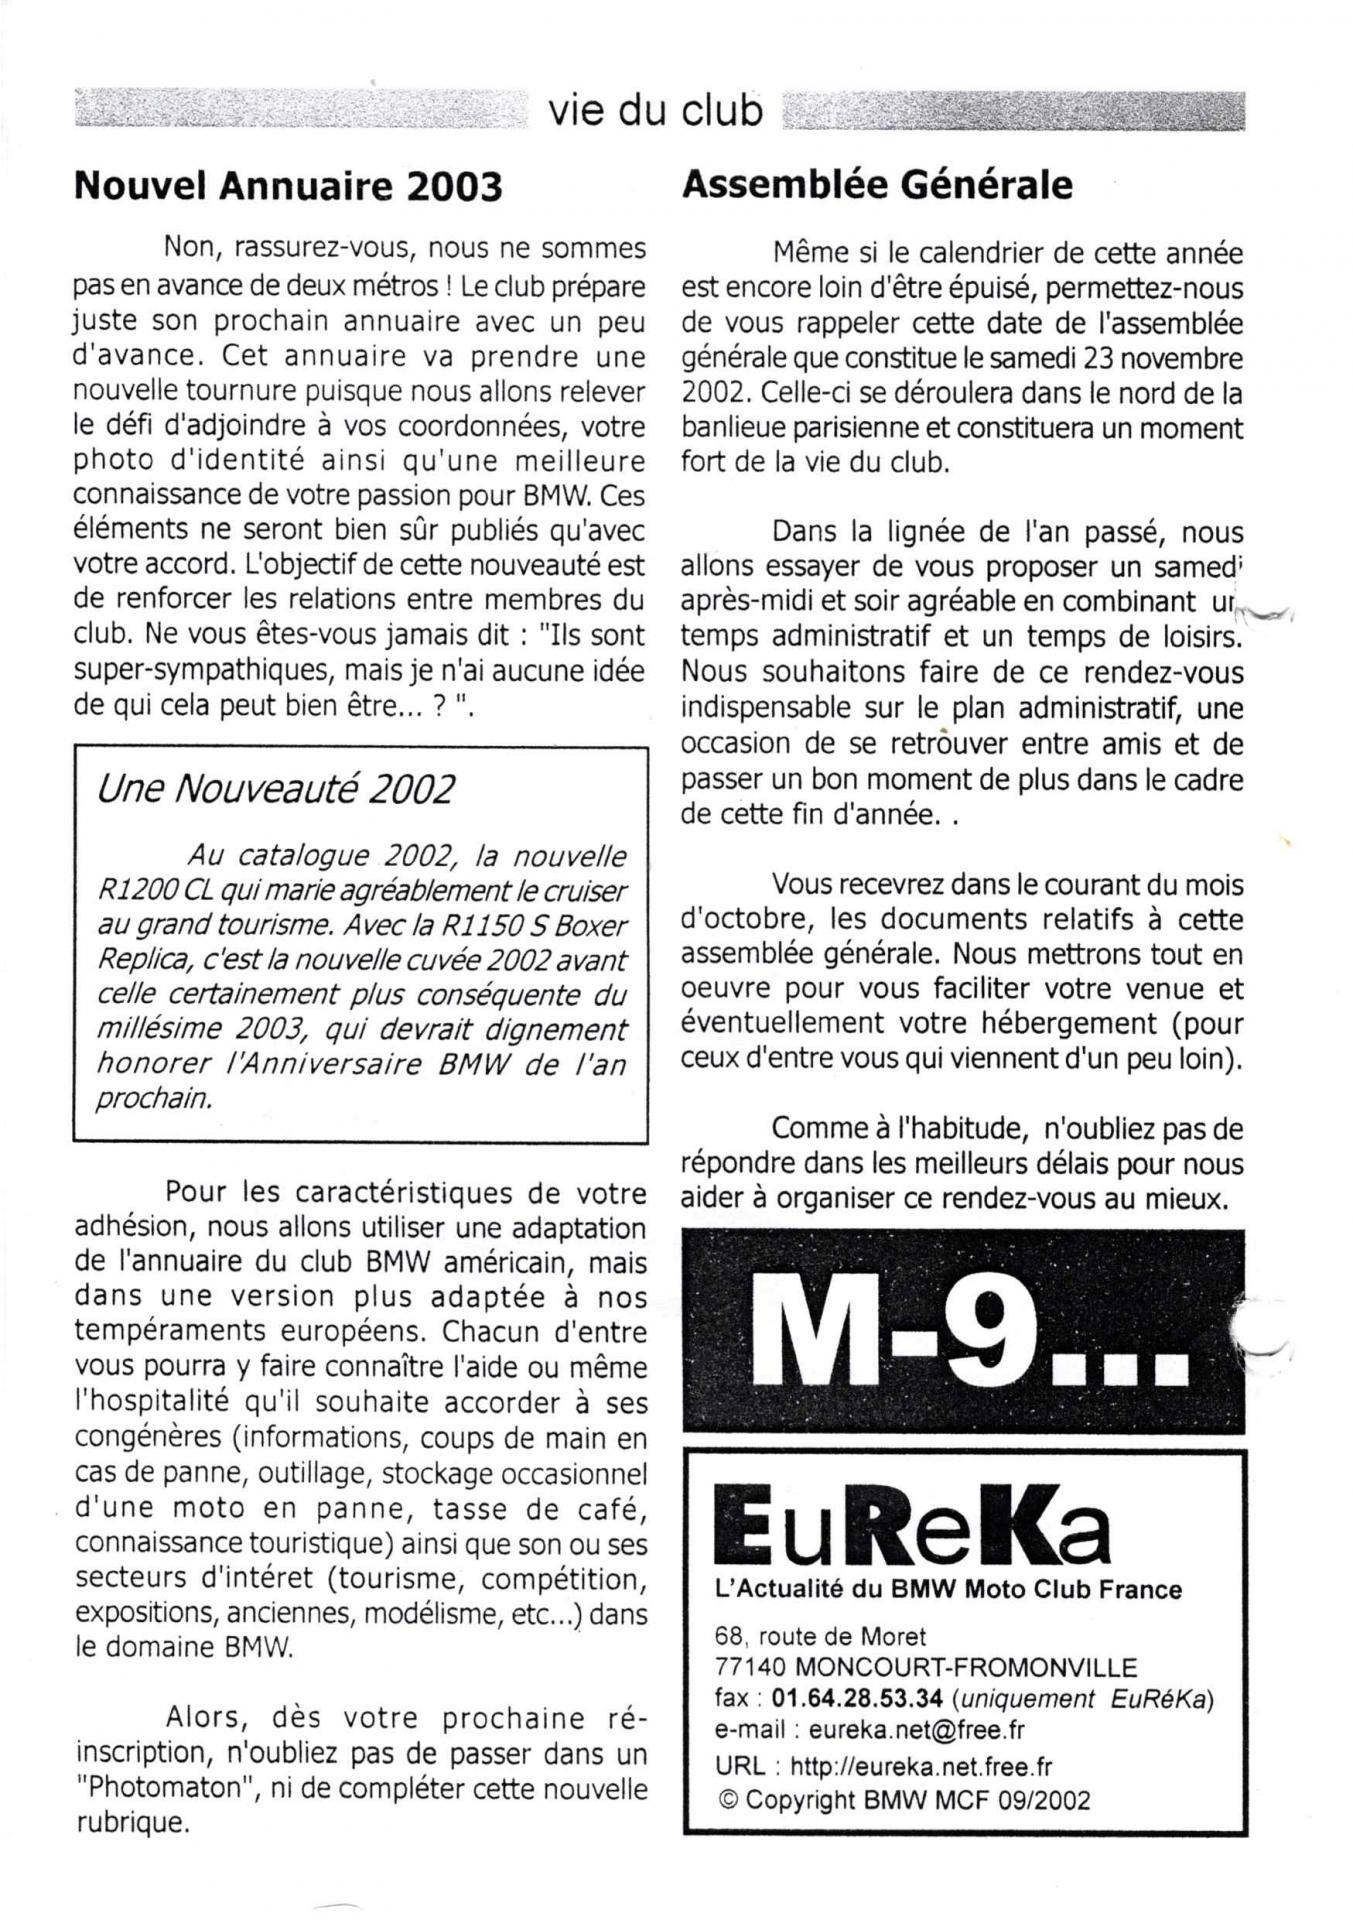 2002 07 eureka express 4